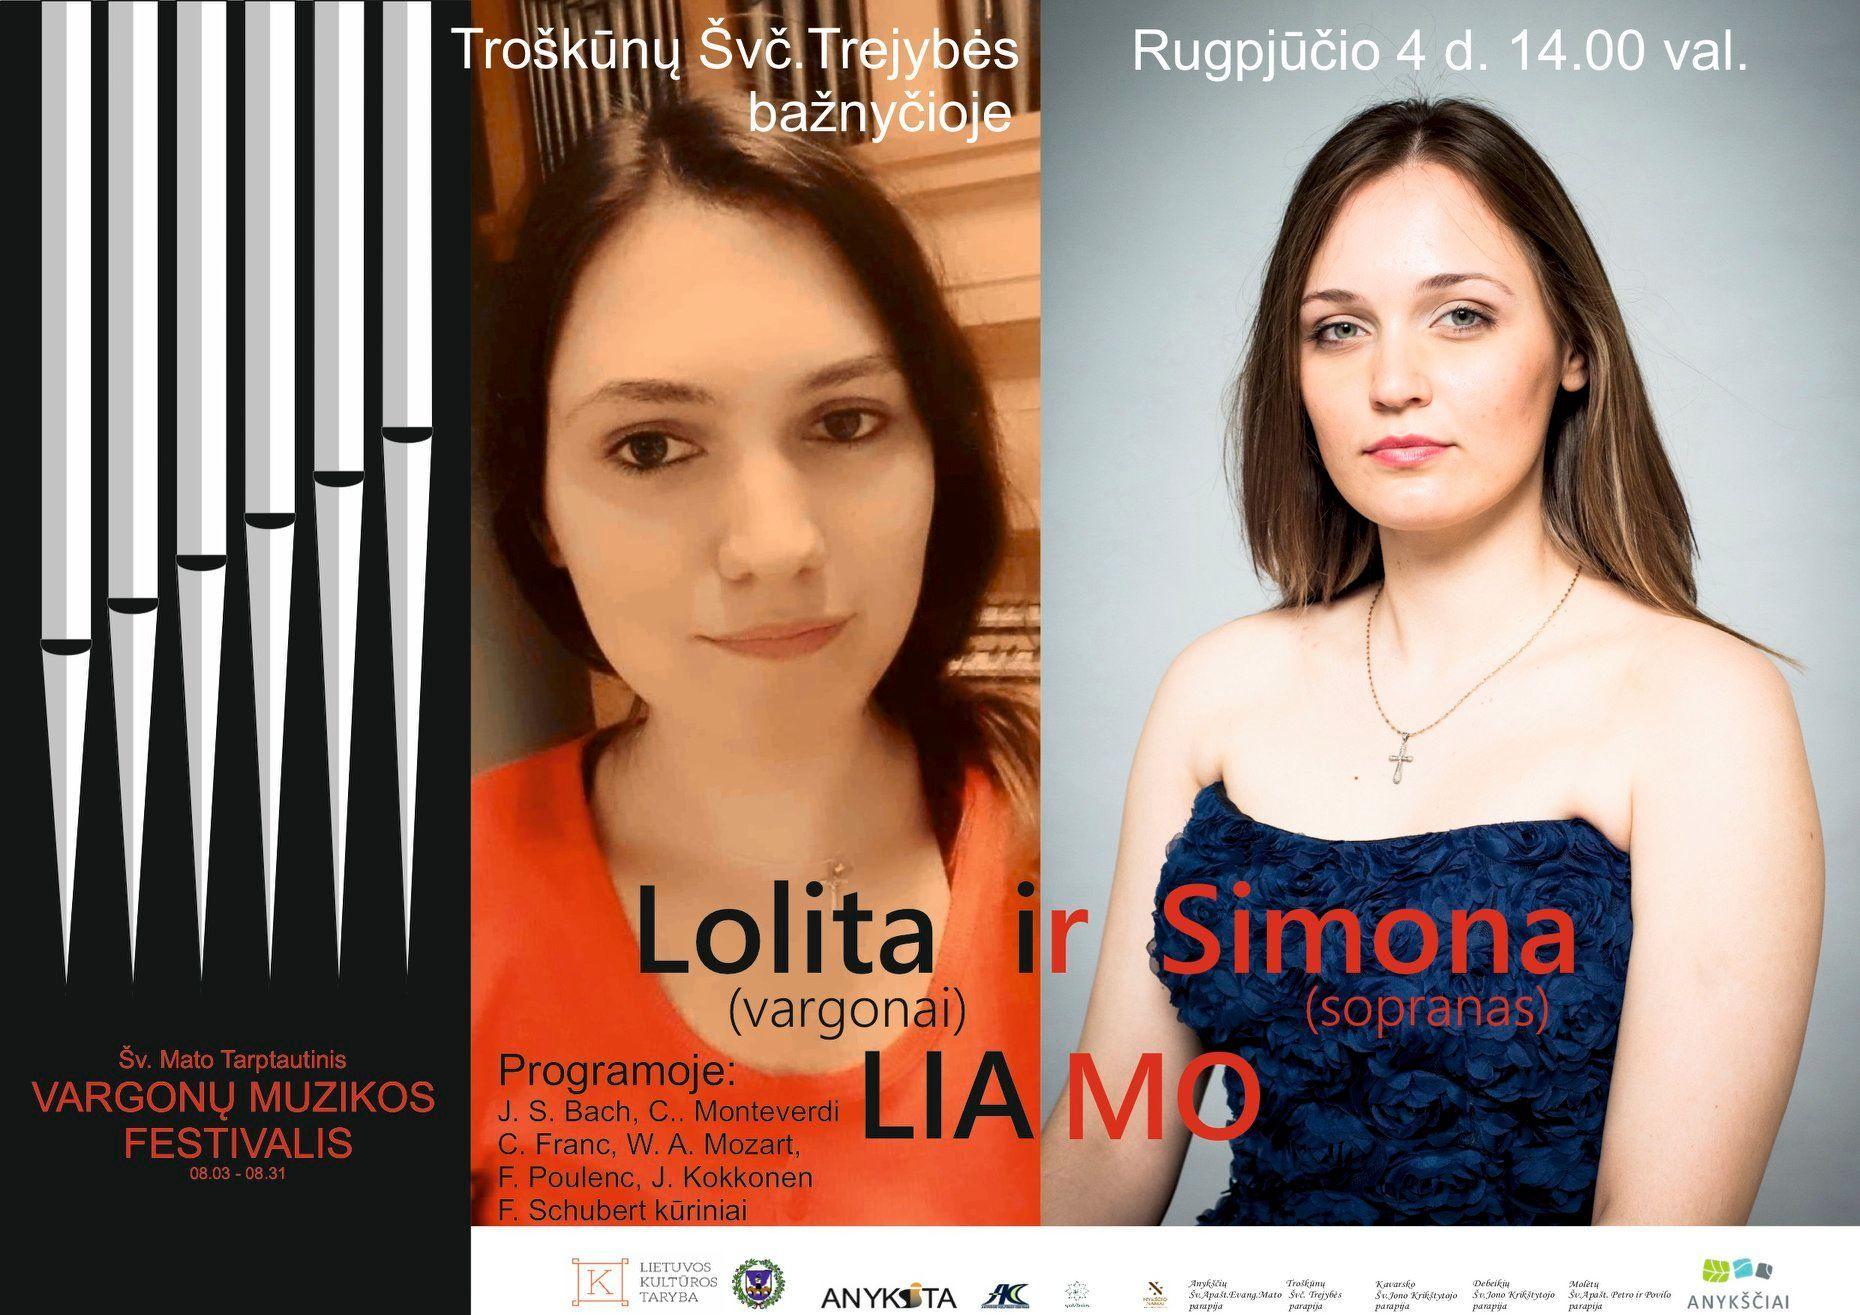 Šv. Mato tarptautinis vargonų muzikos festivalis / Koncertuoja Simona Liamo (sopranas) ir Lolita Liamo (vargonai)